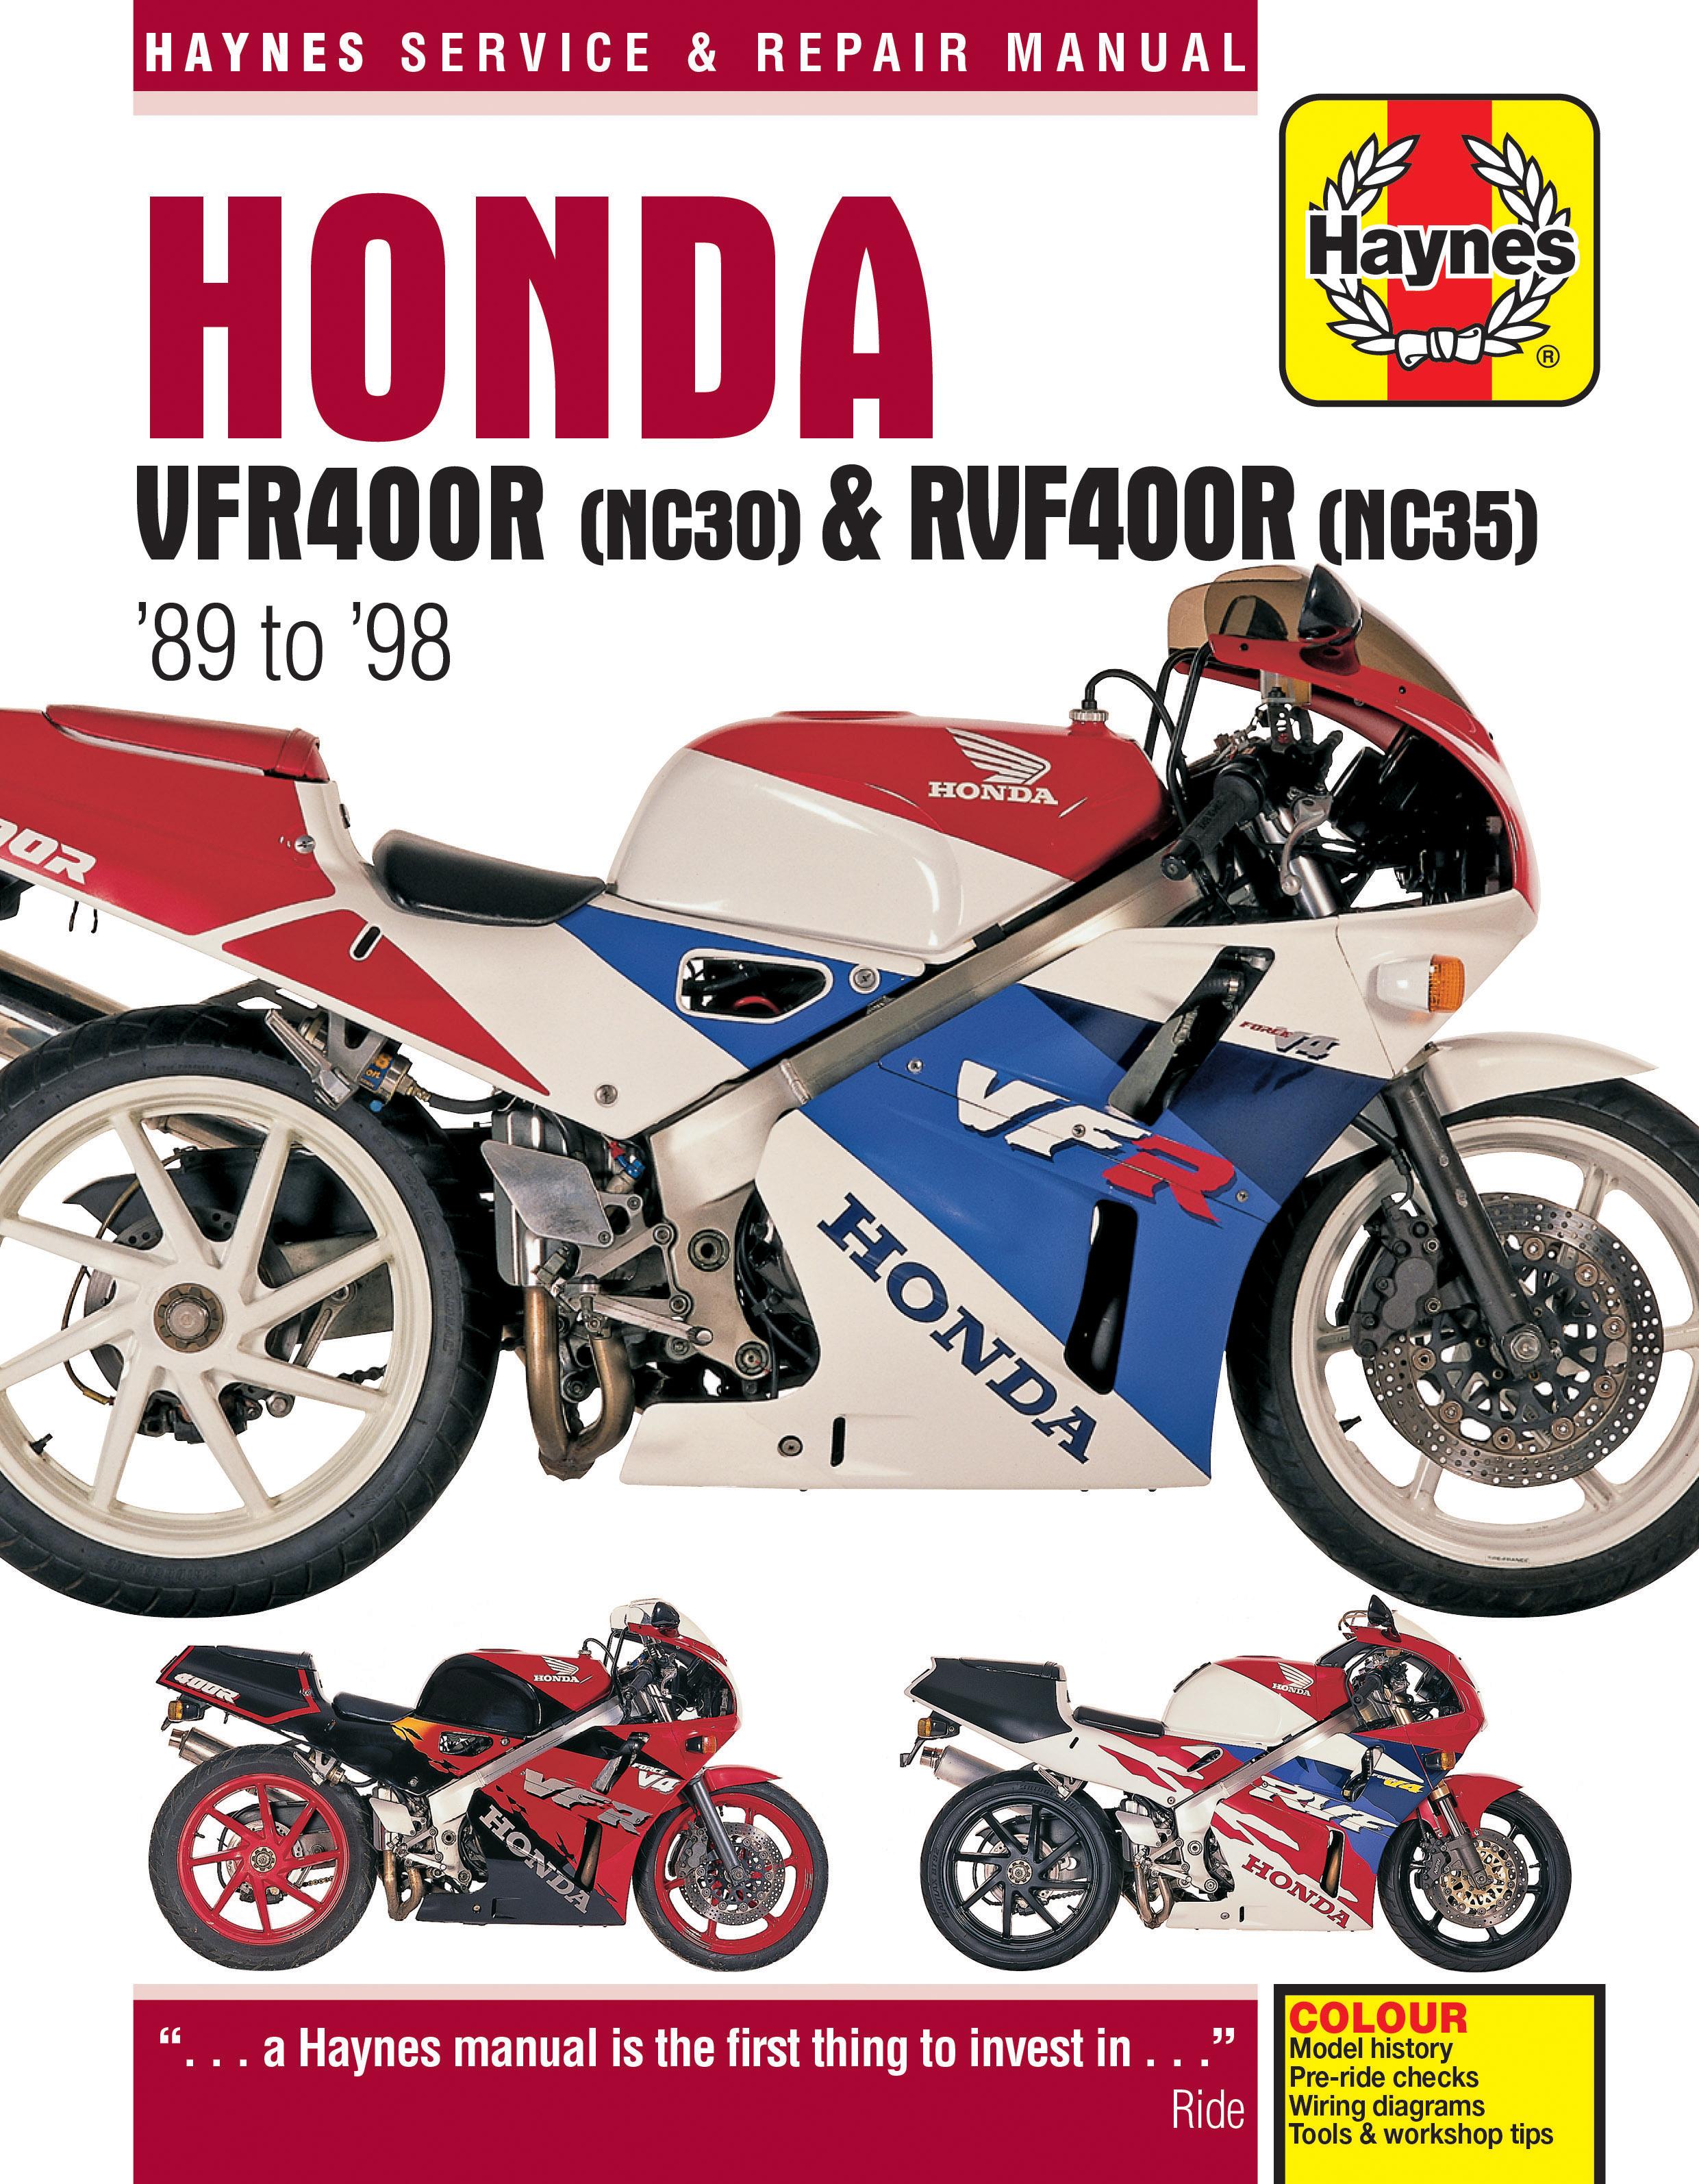 Honda VFR400 (NC30) & RVF400 (NC35) V-Fours (89 - 98) Haynes Repair Manual